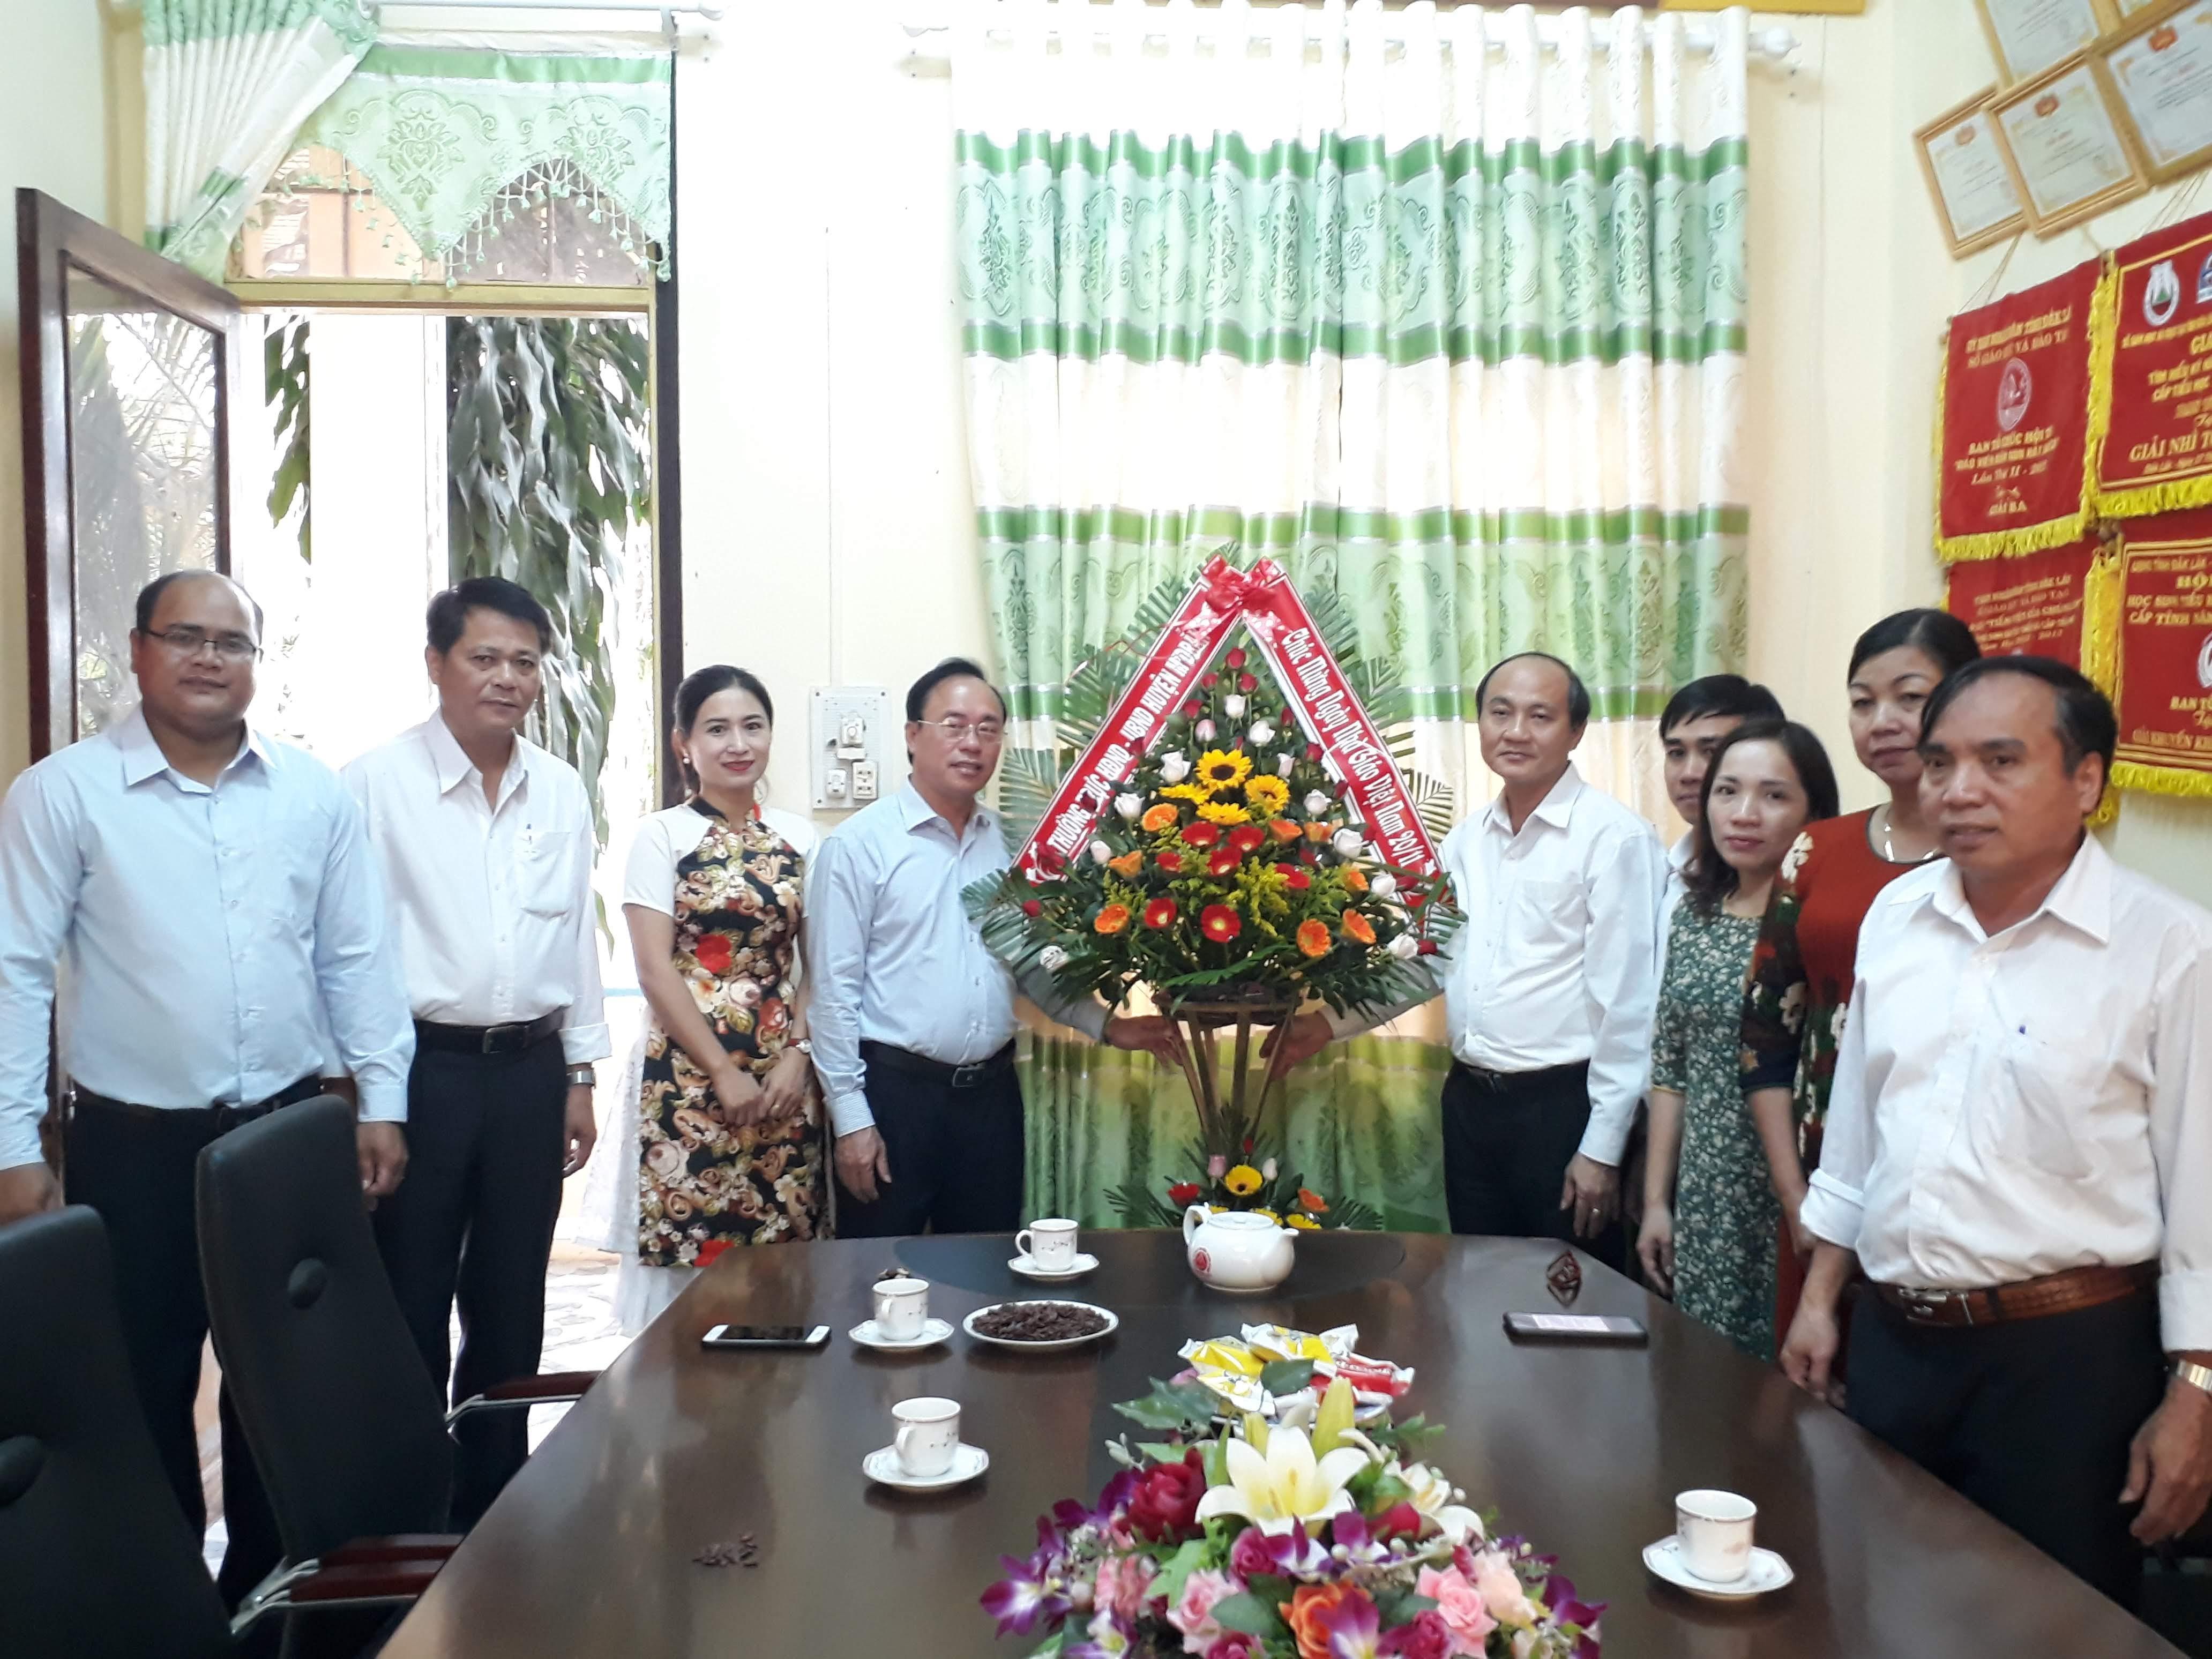 Các đồng chí lãnh đạo huyện M'Đrắk thăm, chúc mừng nhân ngày Nhà giáo Việt Nam 20/11